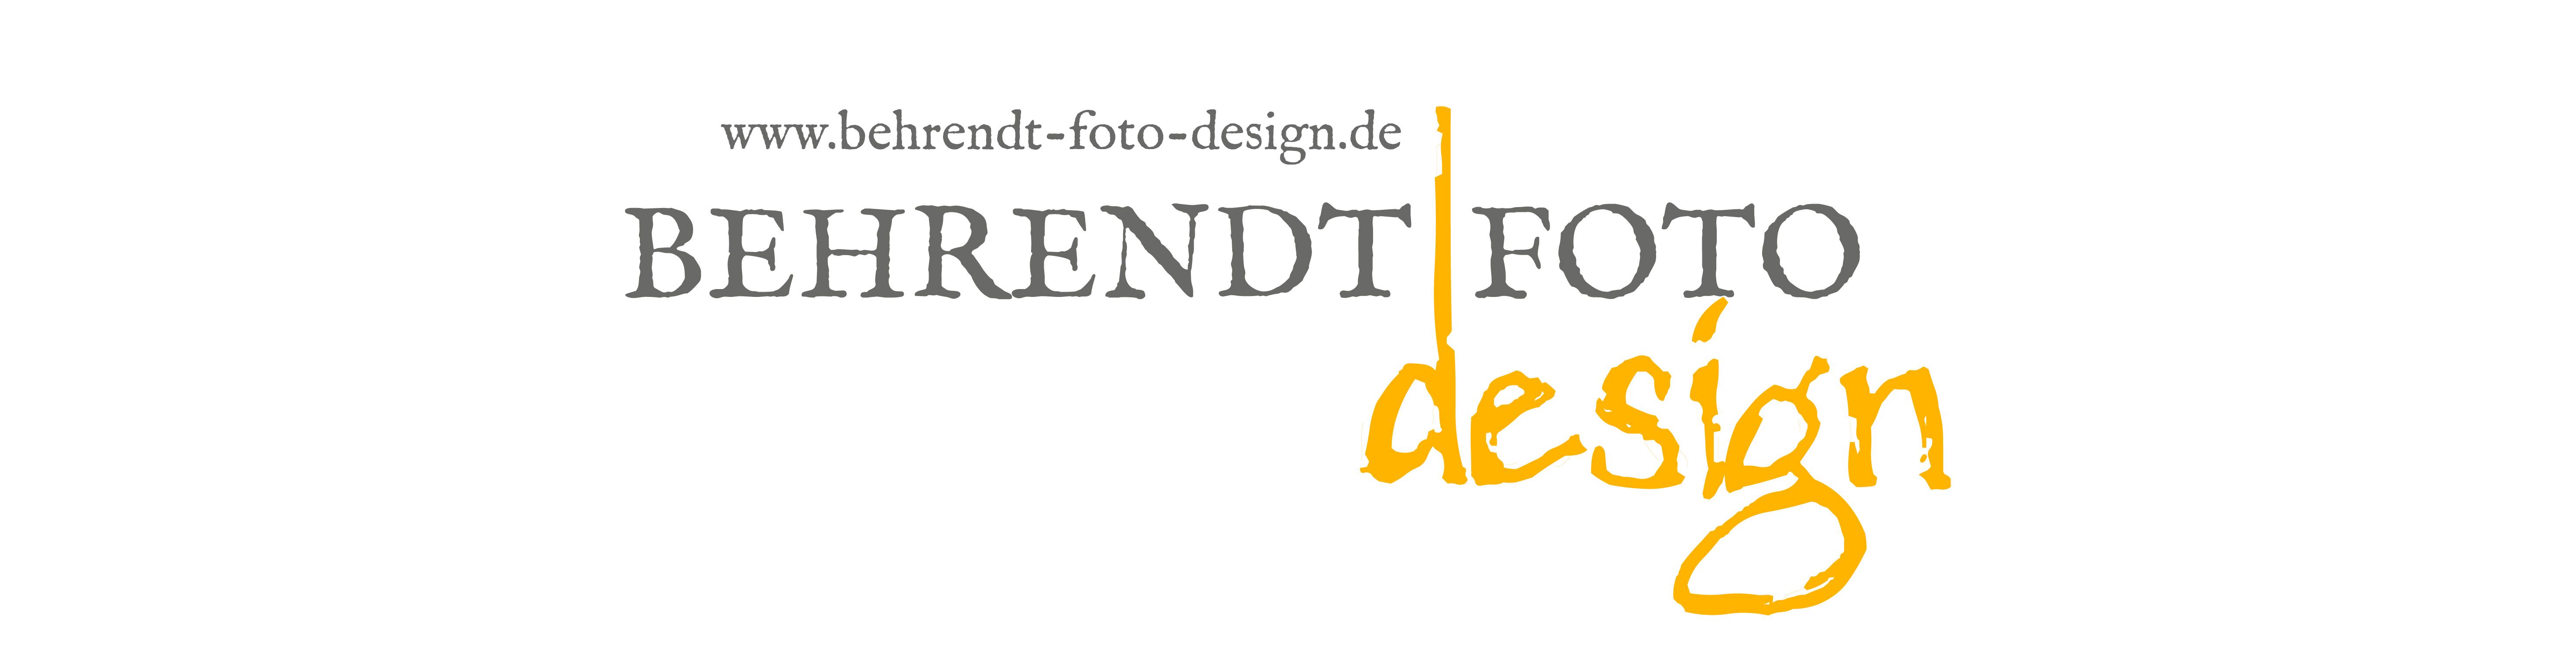 Behrendt Foto Design